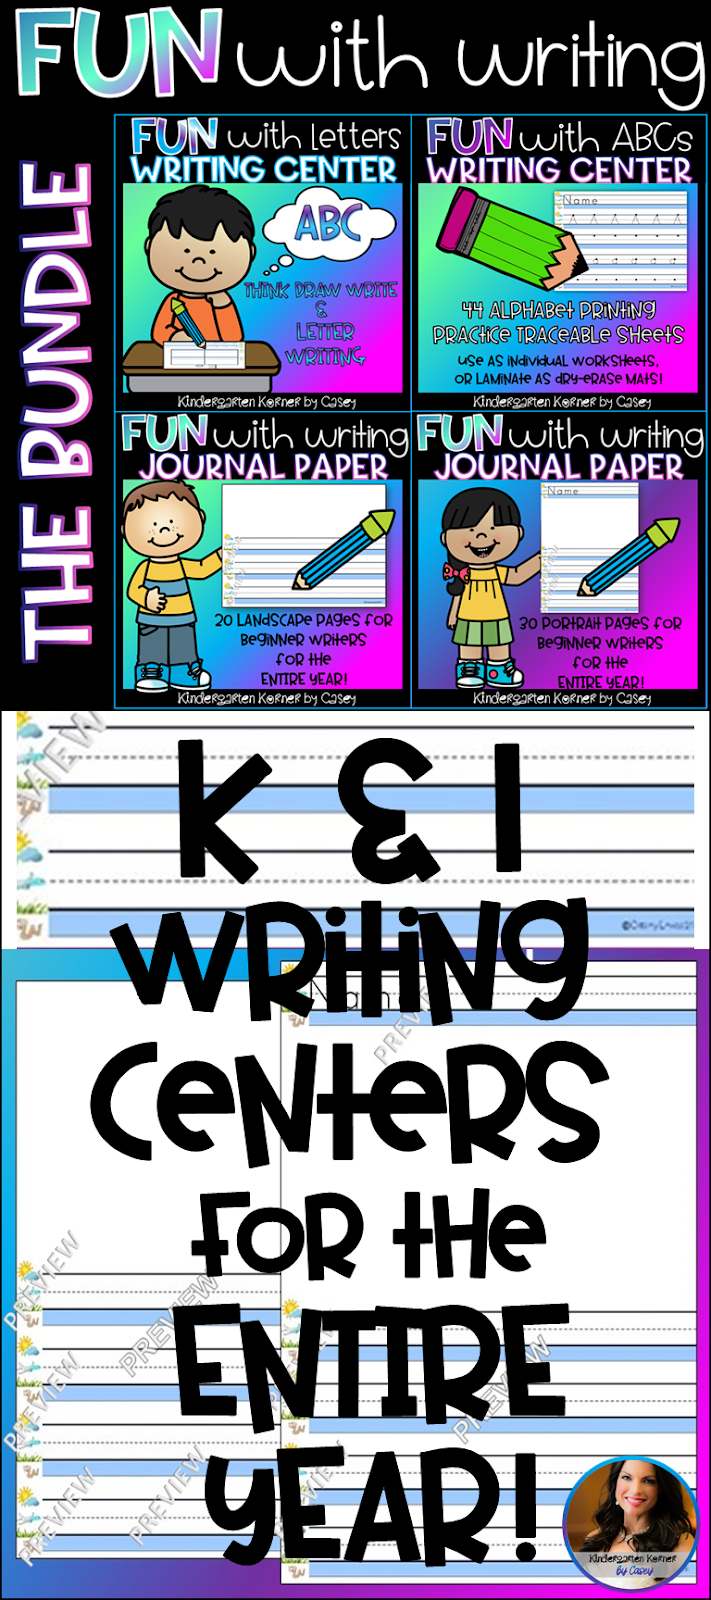 small resolution of Creating Writing Centers in Kindergarten \u0026 1st Grade! - Kindergarten Korner